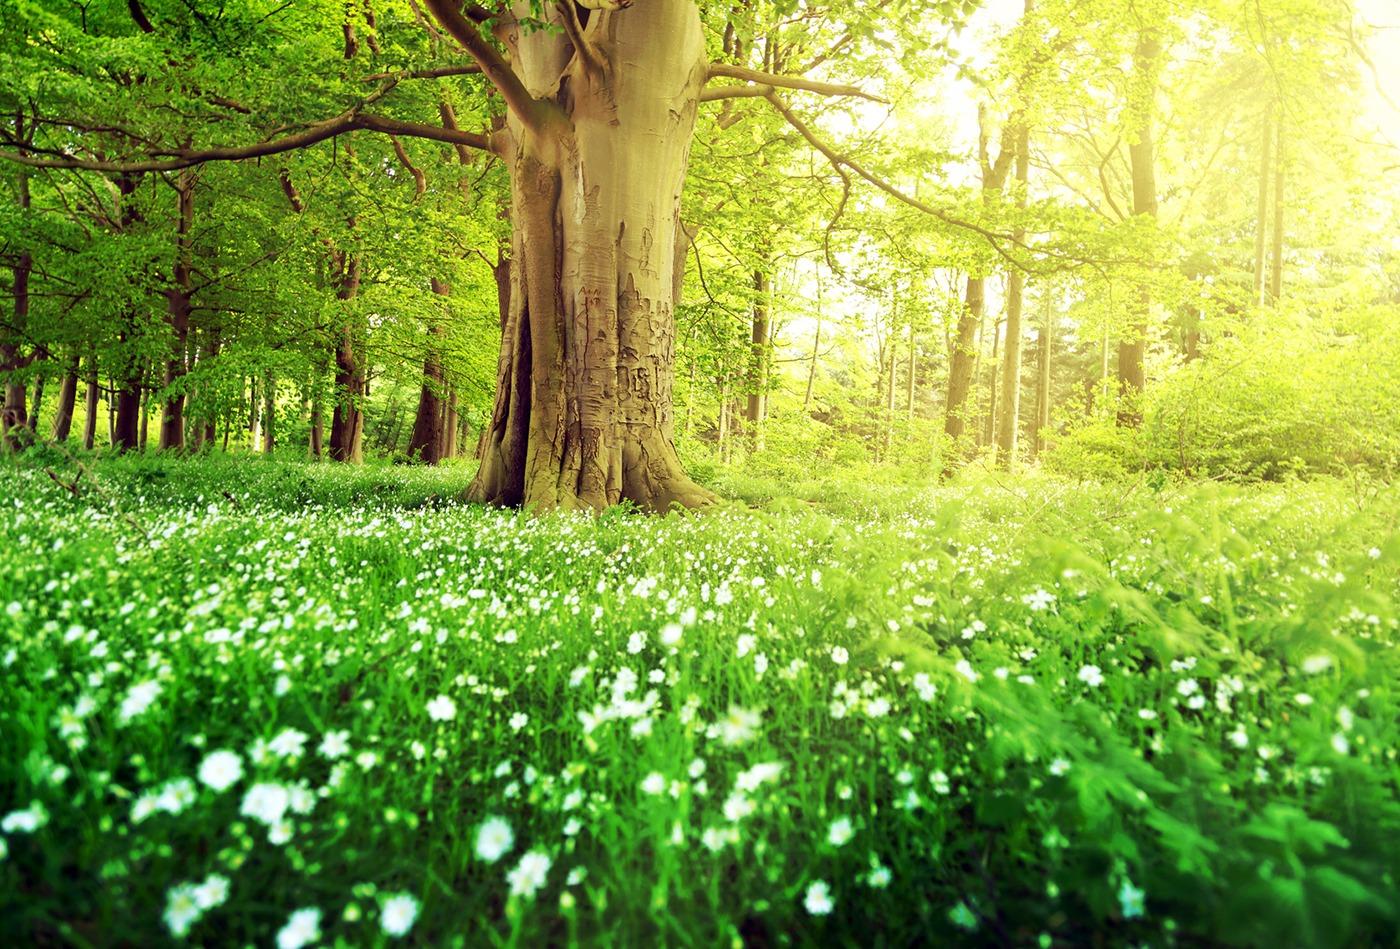 Friedwaldbestattung in Berlin: Mit der Natur verbunden